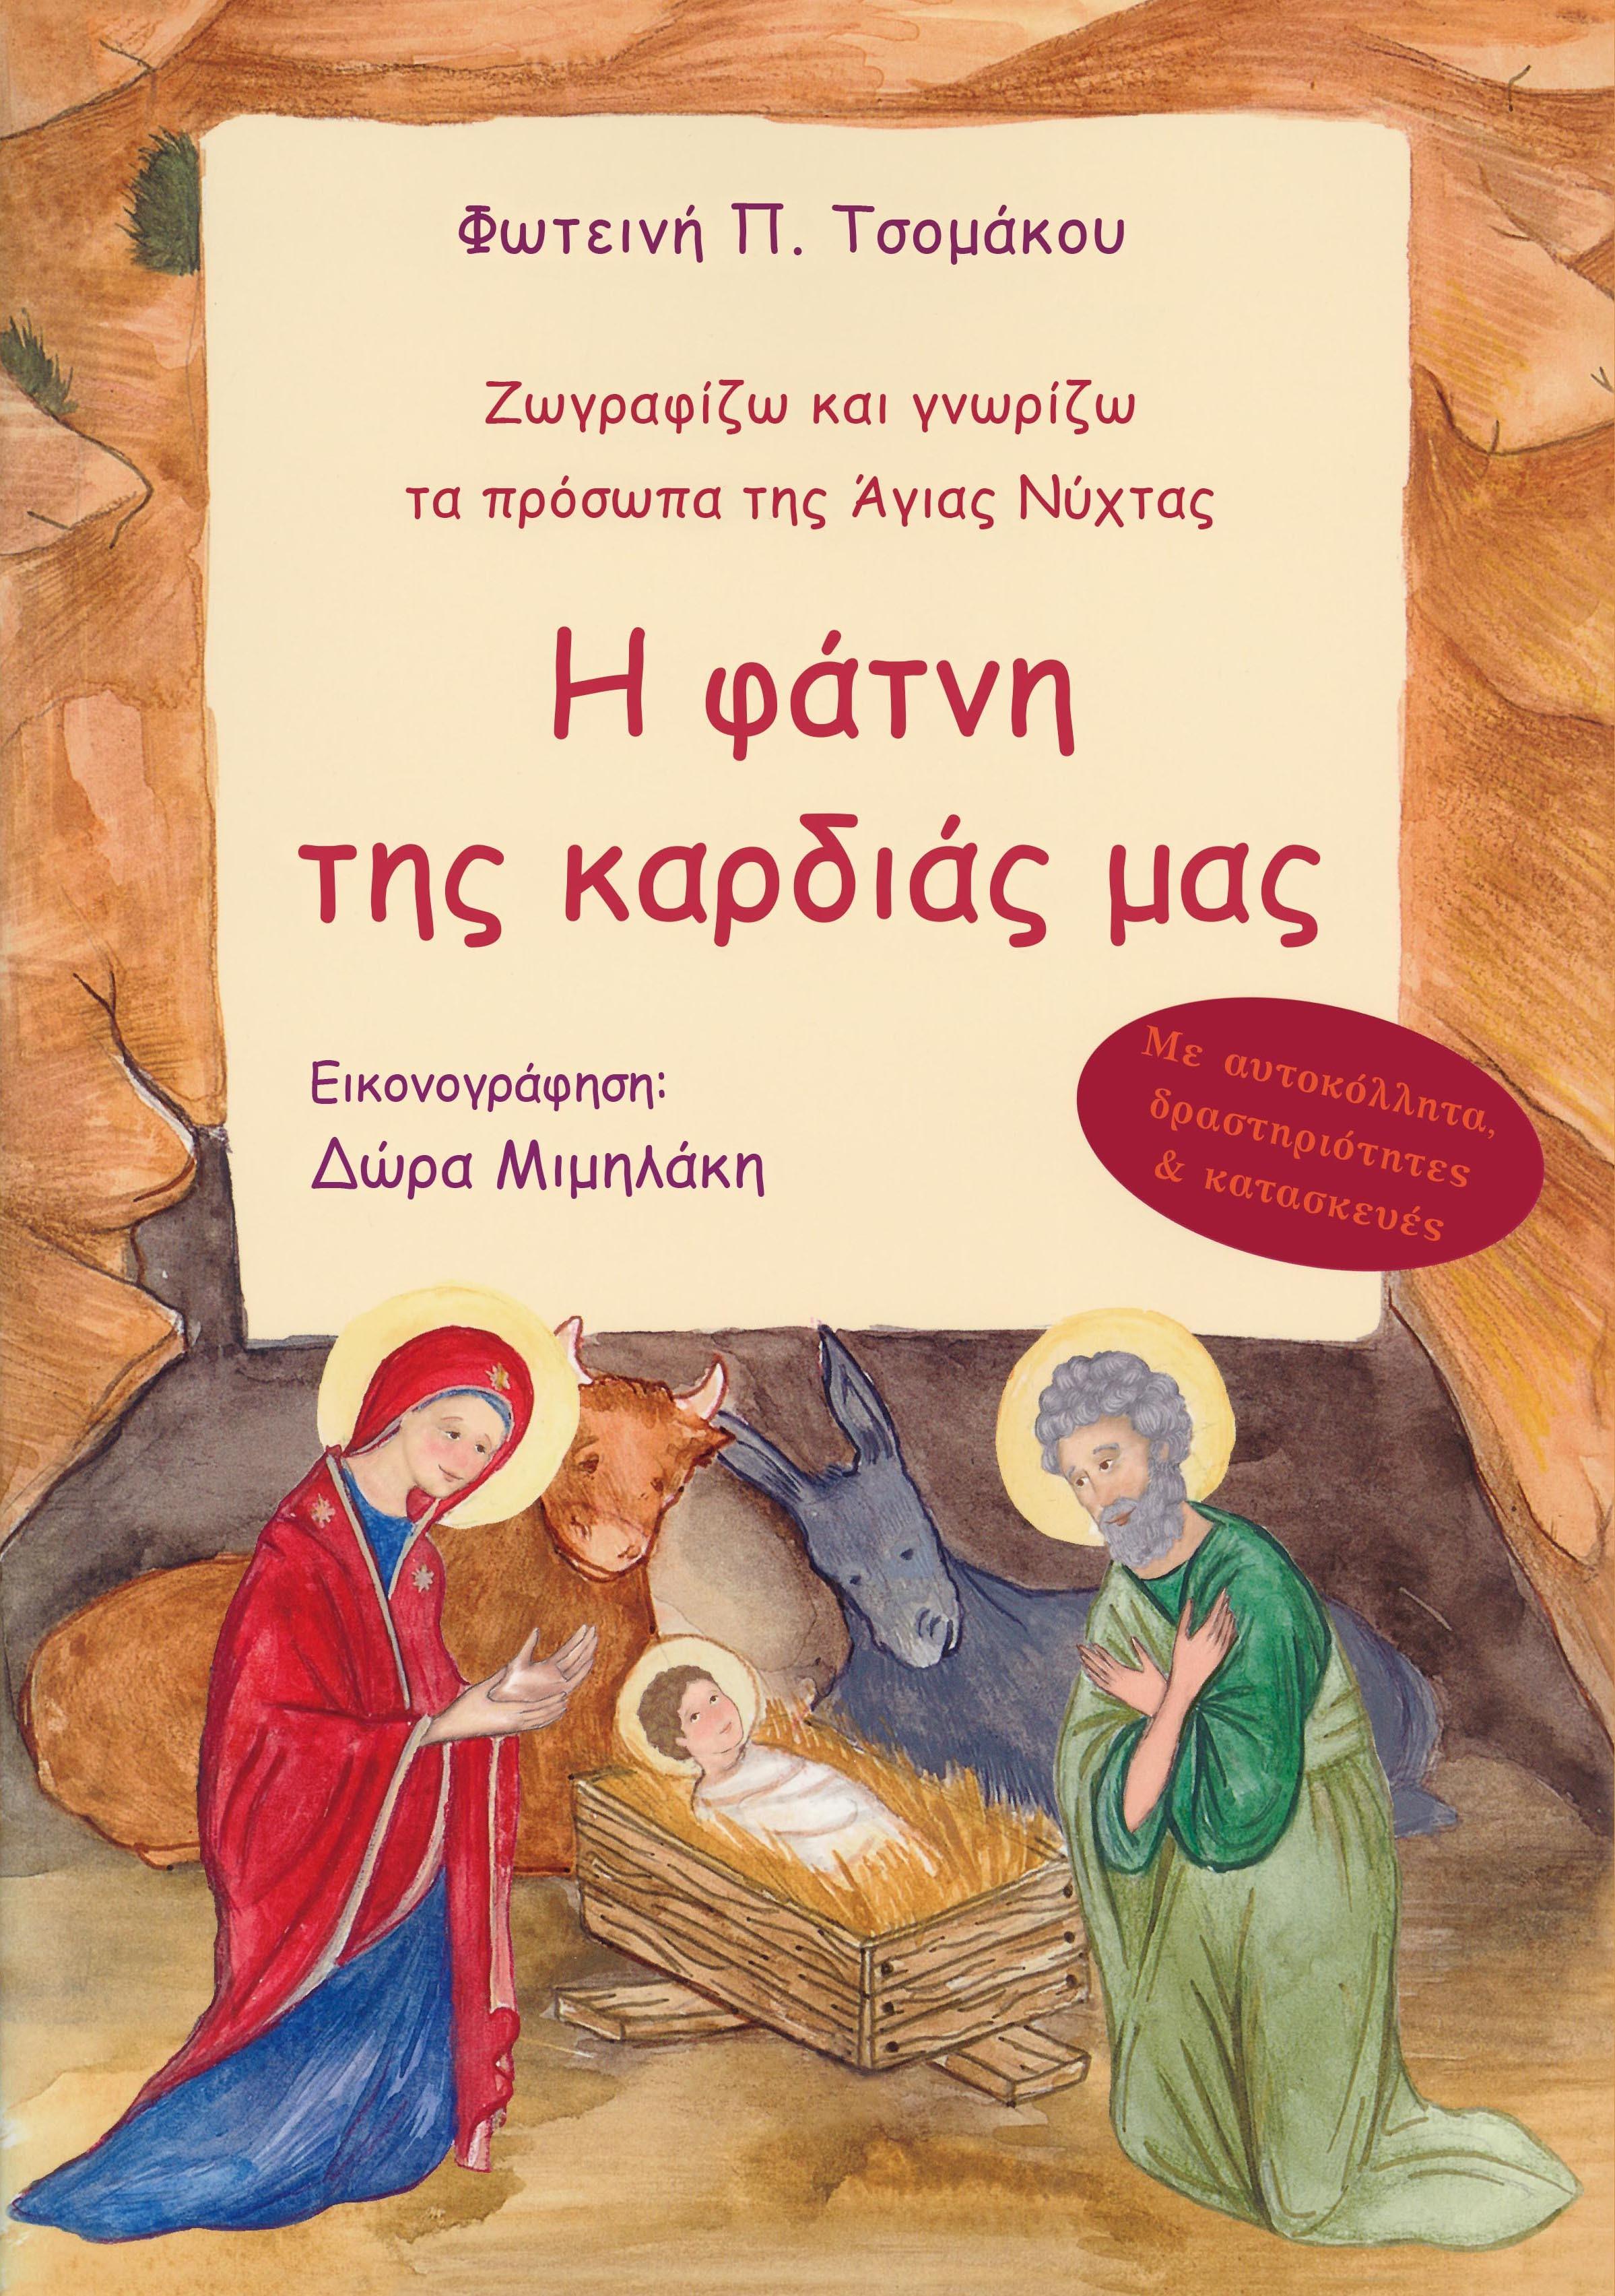 Χριστουγεννιάτικα Η ΦΑΤΝΗ ΤΗΣ ΚΑΡΔΙΑΣ ΜΑΣ